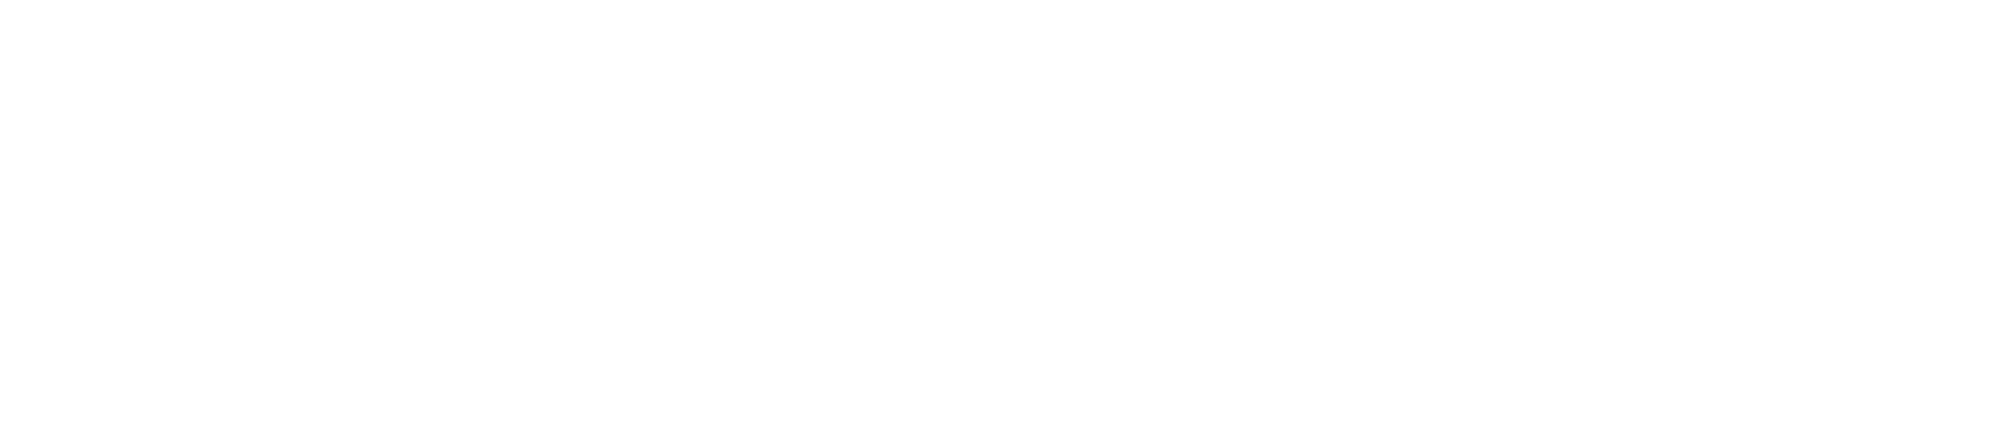 Wisdom-Logo-Wide-REV-2000.png